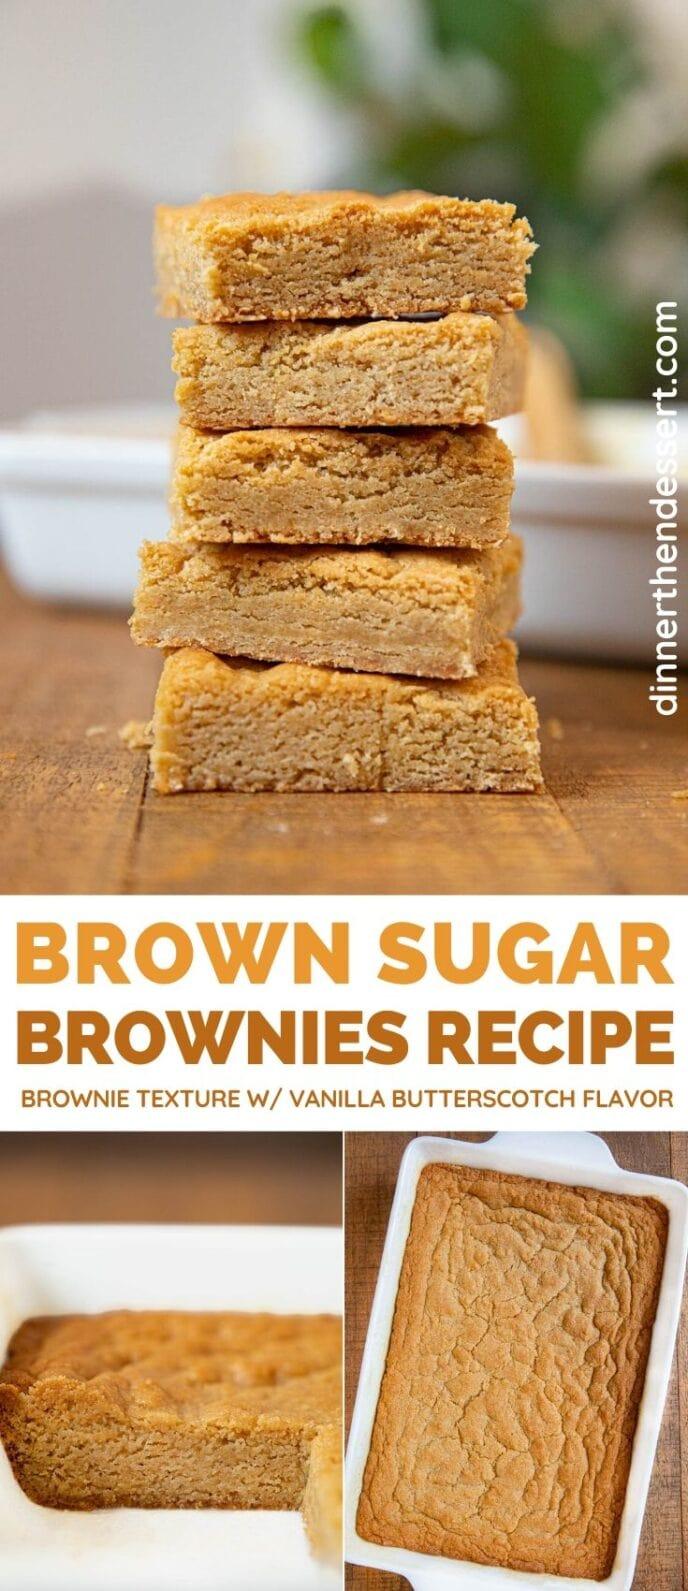 Brown Sugar Brownies collage